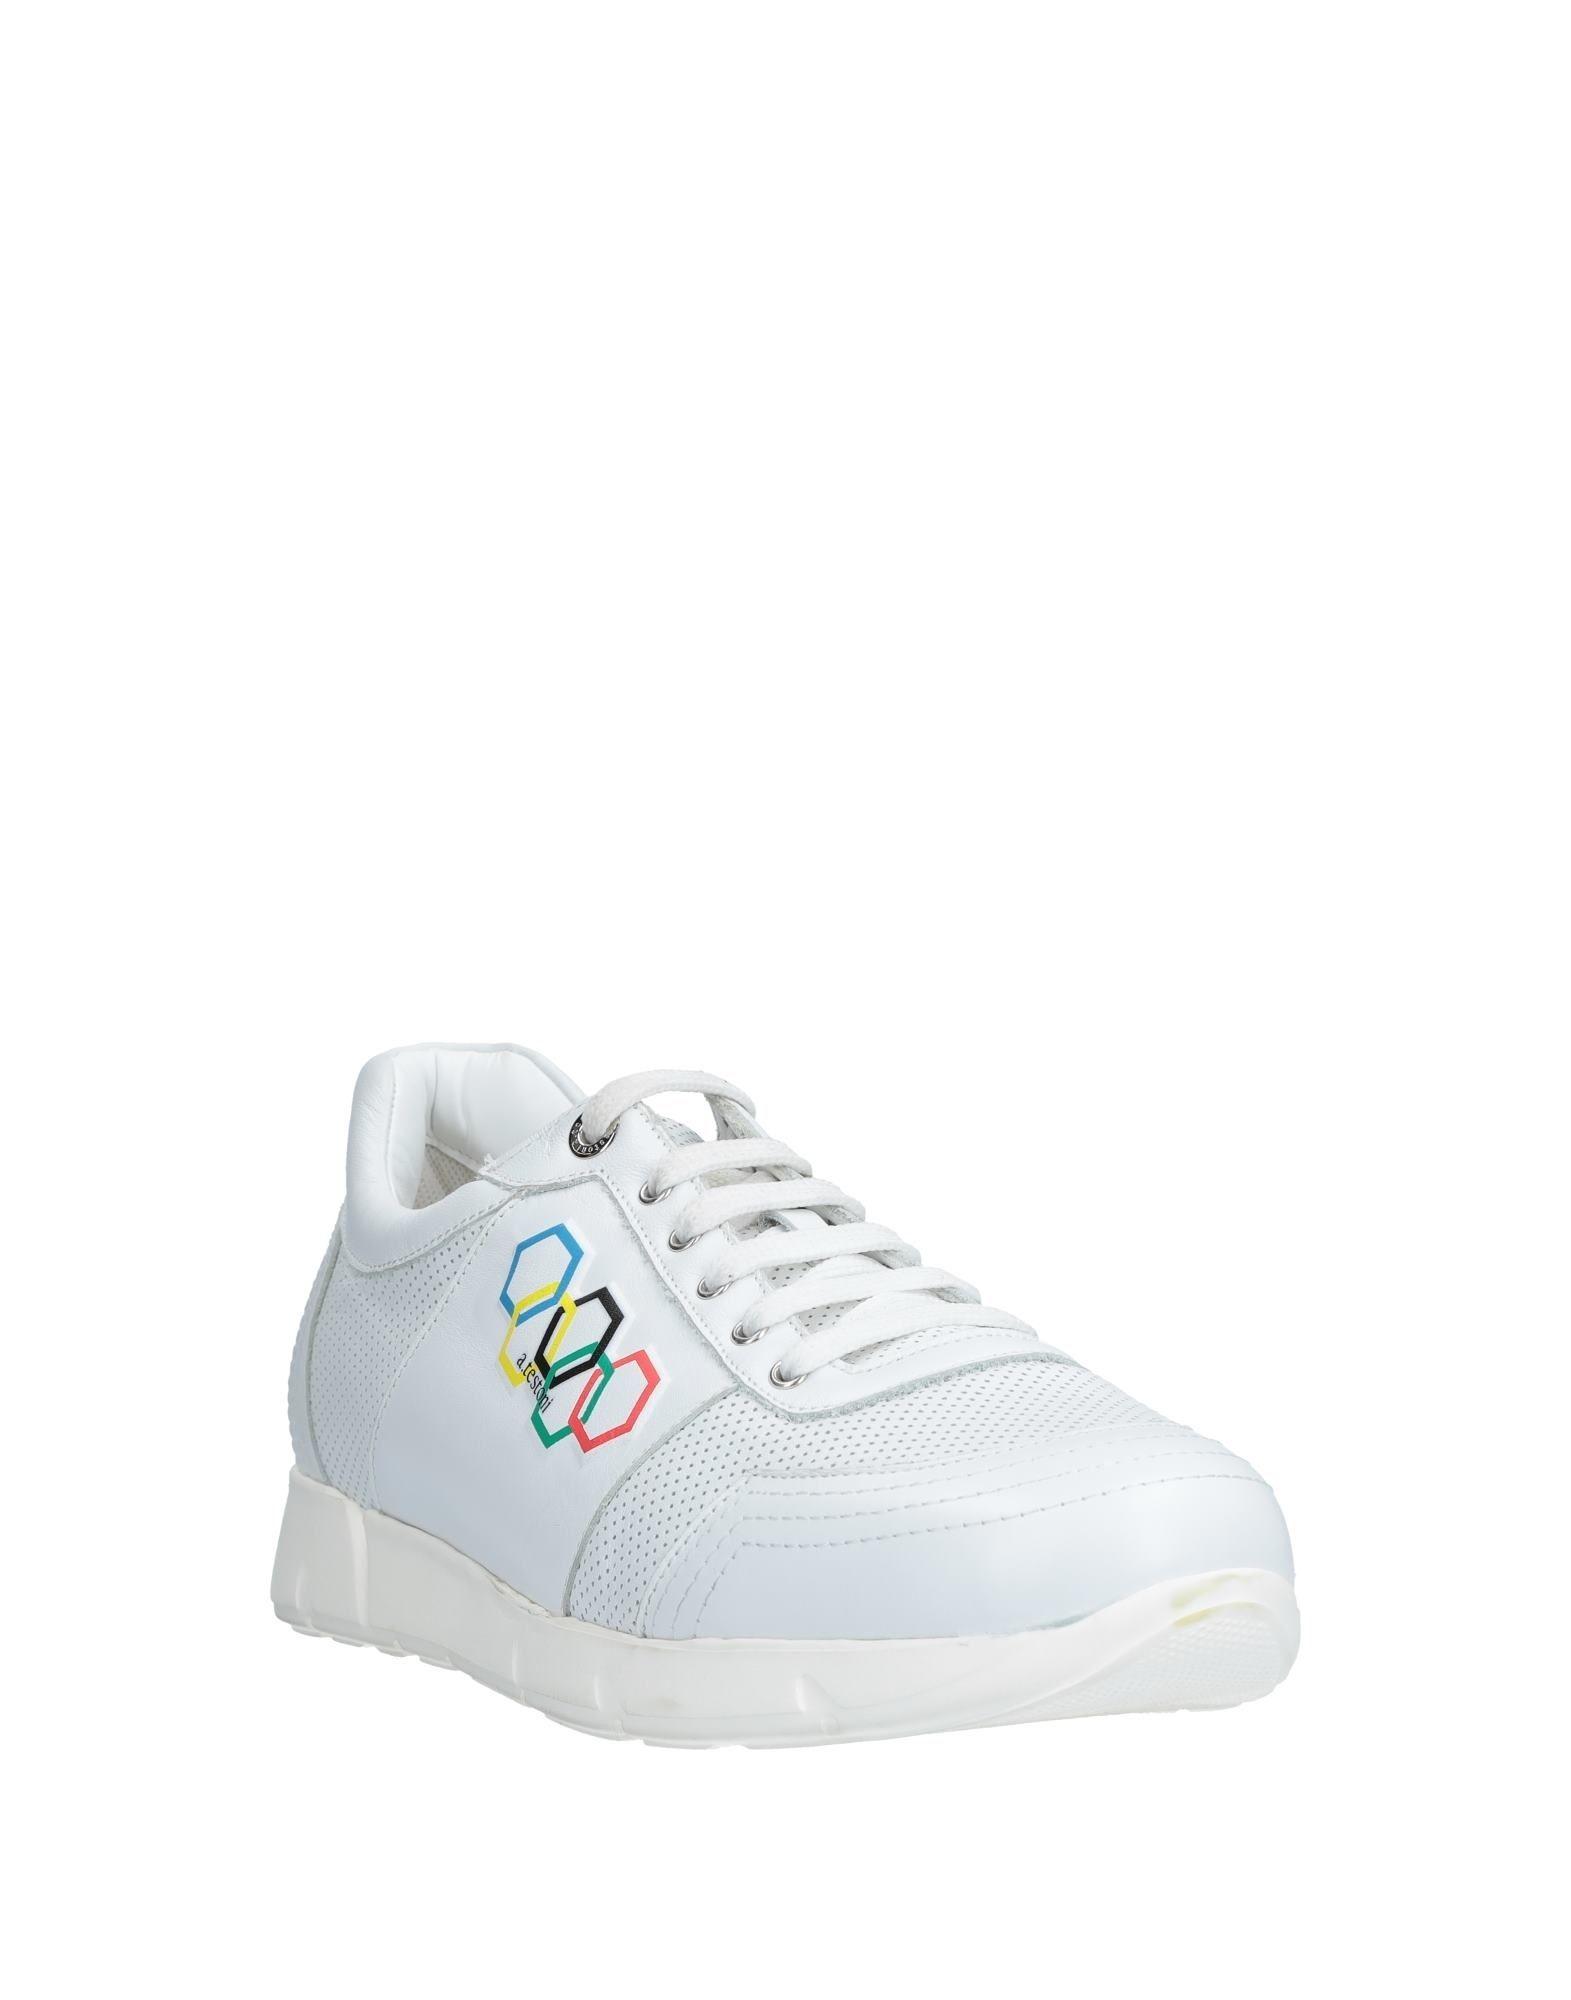 A.Testoni Sneakers Herren  11543029KS Gute Qualität Qualität Qualität beliebte Schuhe 87950c